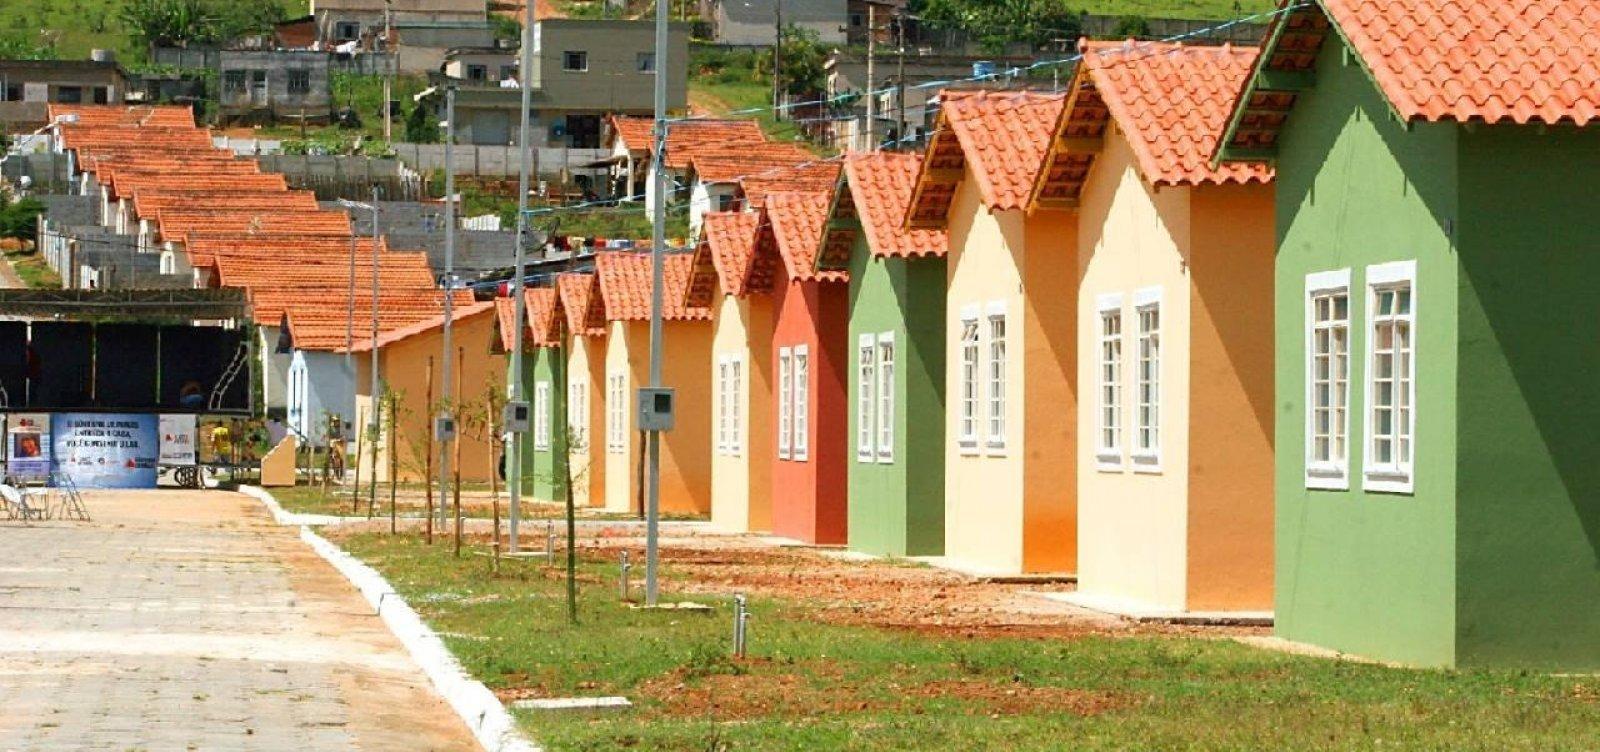 ['Minha Casa Minha Vida' de Bolsonaro deve ter aluguel em vez de posse]